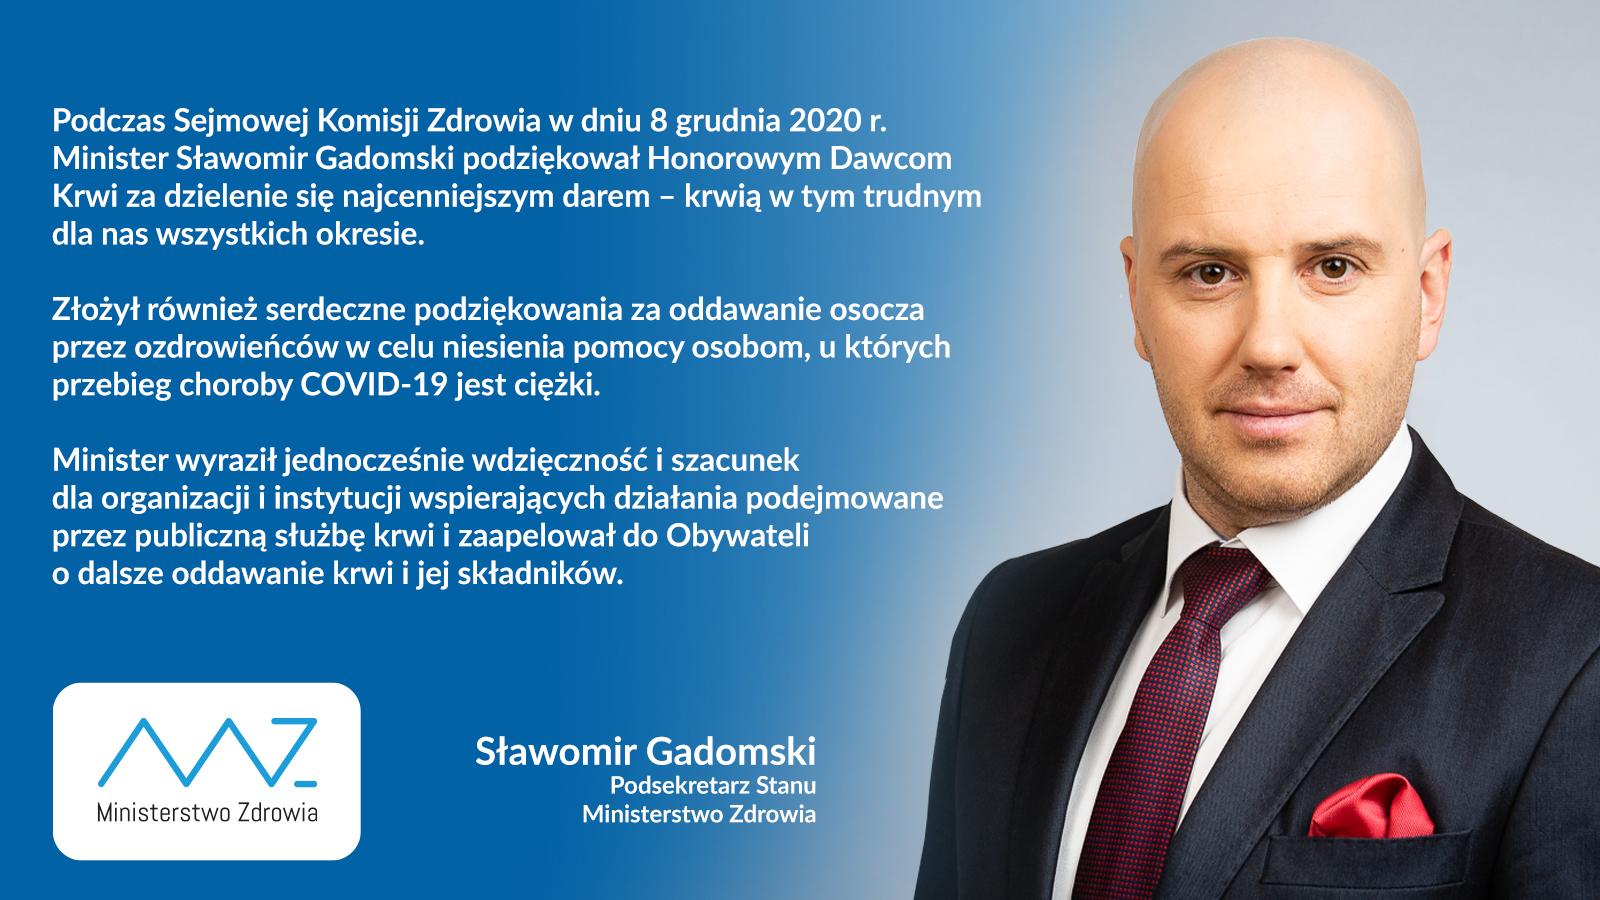 Minister Gadomski dziękuje zawsparcie publicznej służby krwi